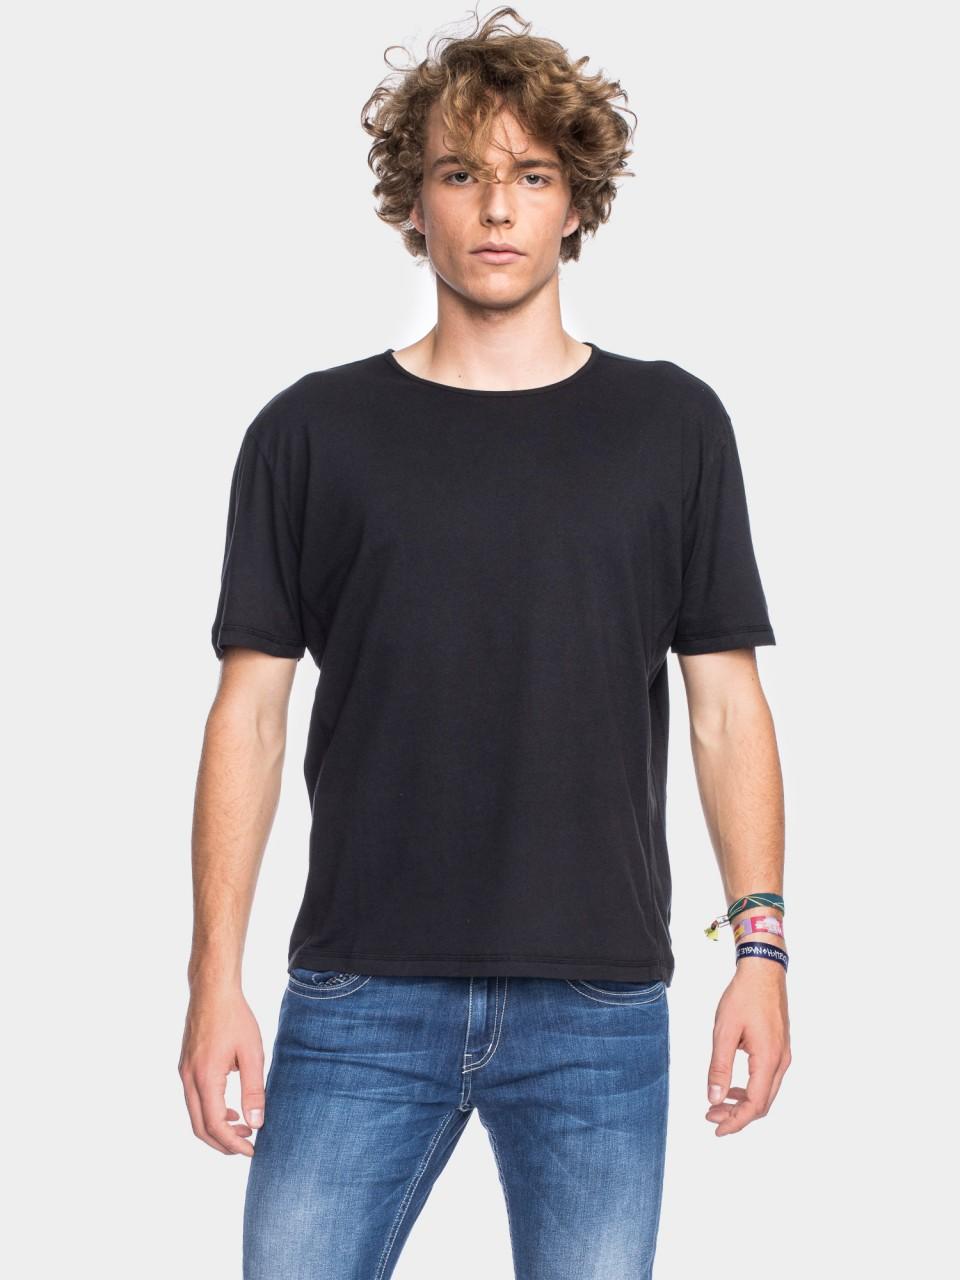 T-Shirt Herbert OC BLK